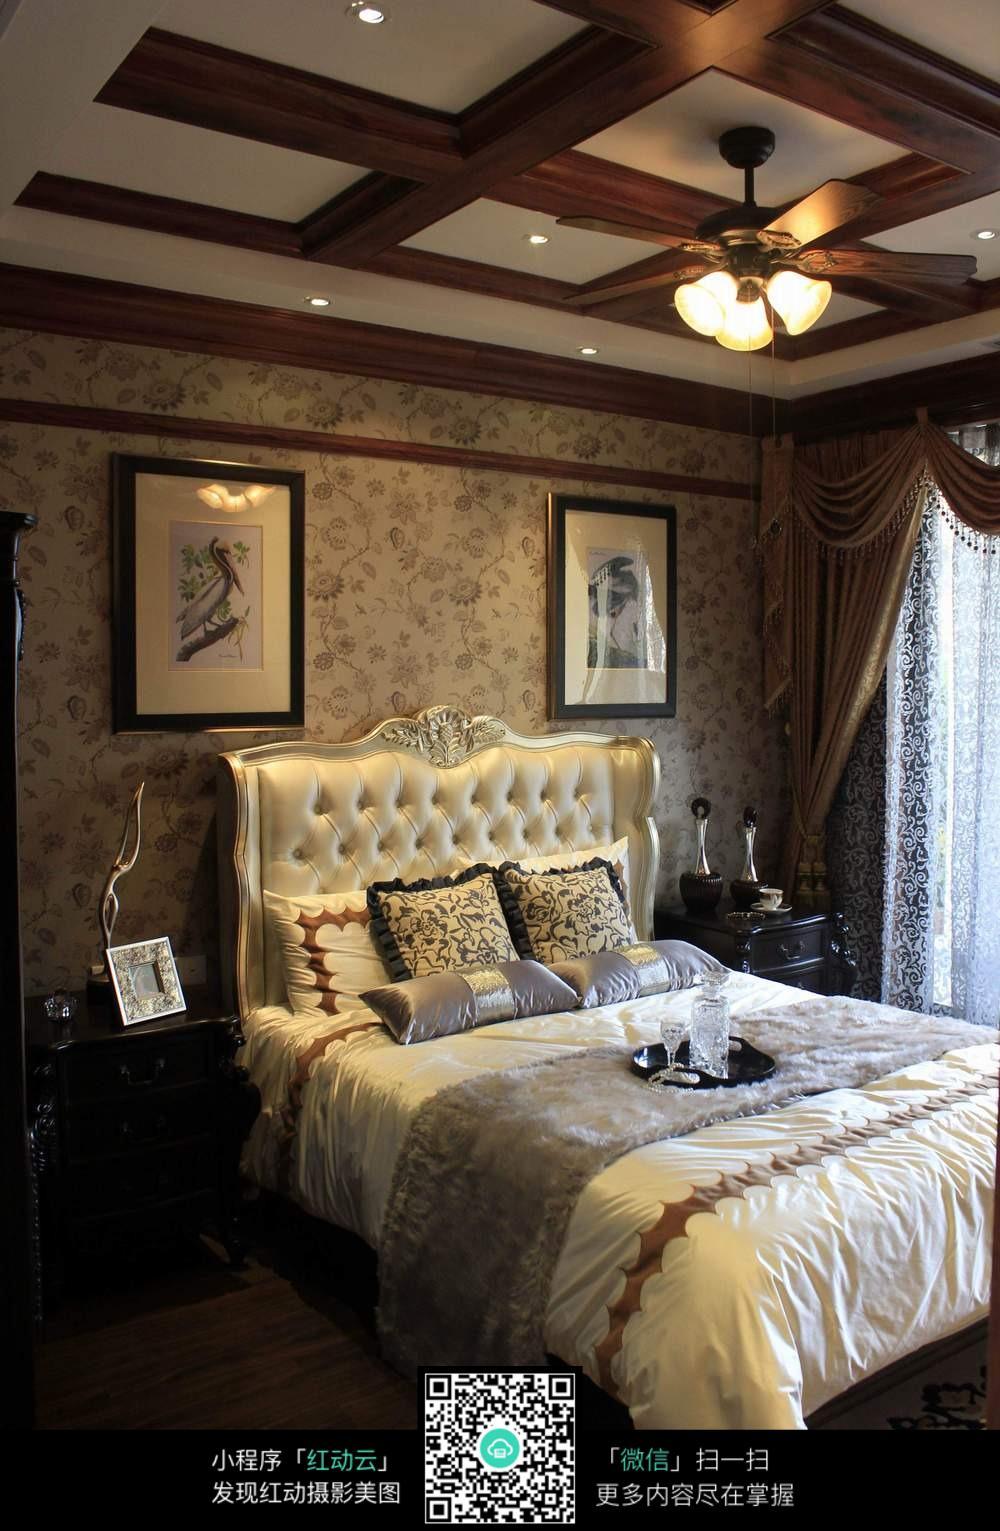 欧式复古大气卧室装修效果图图片